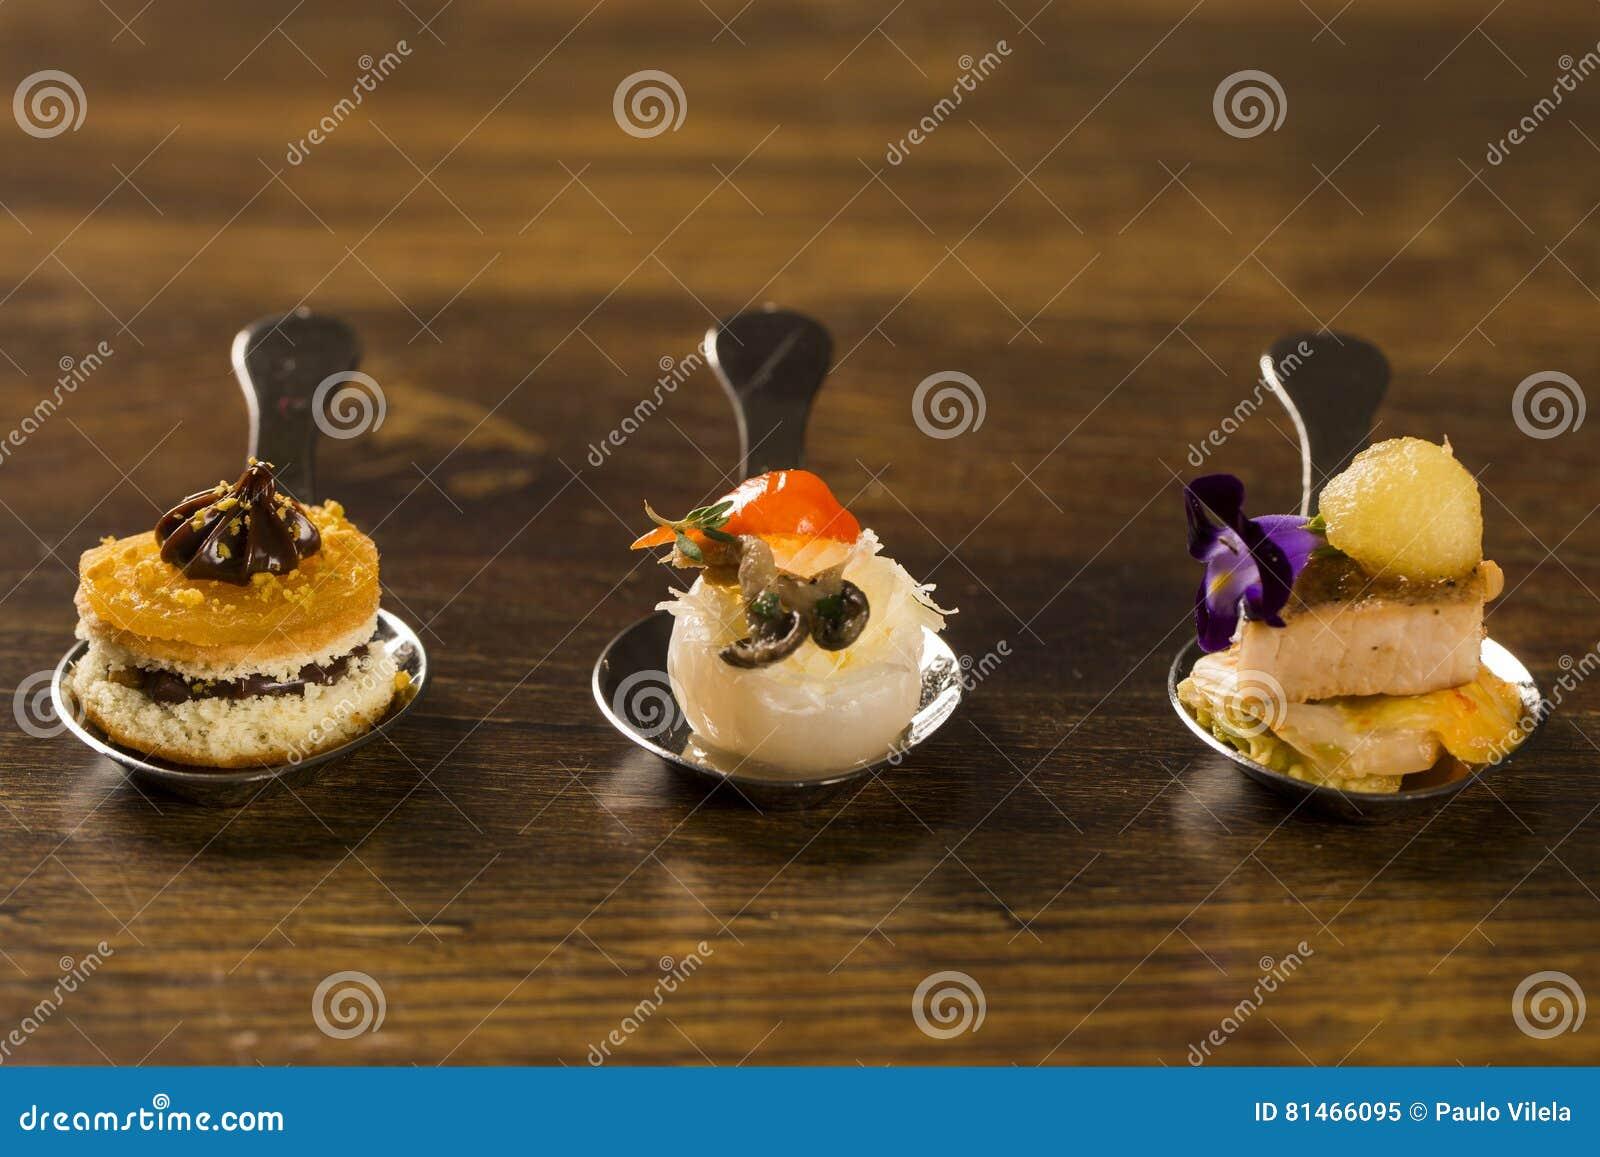 Entrata, antipasto e dessert di cibo da mangiare con le mani in un cucchiaio Gastr di gusto